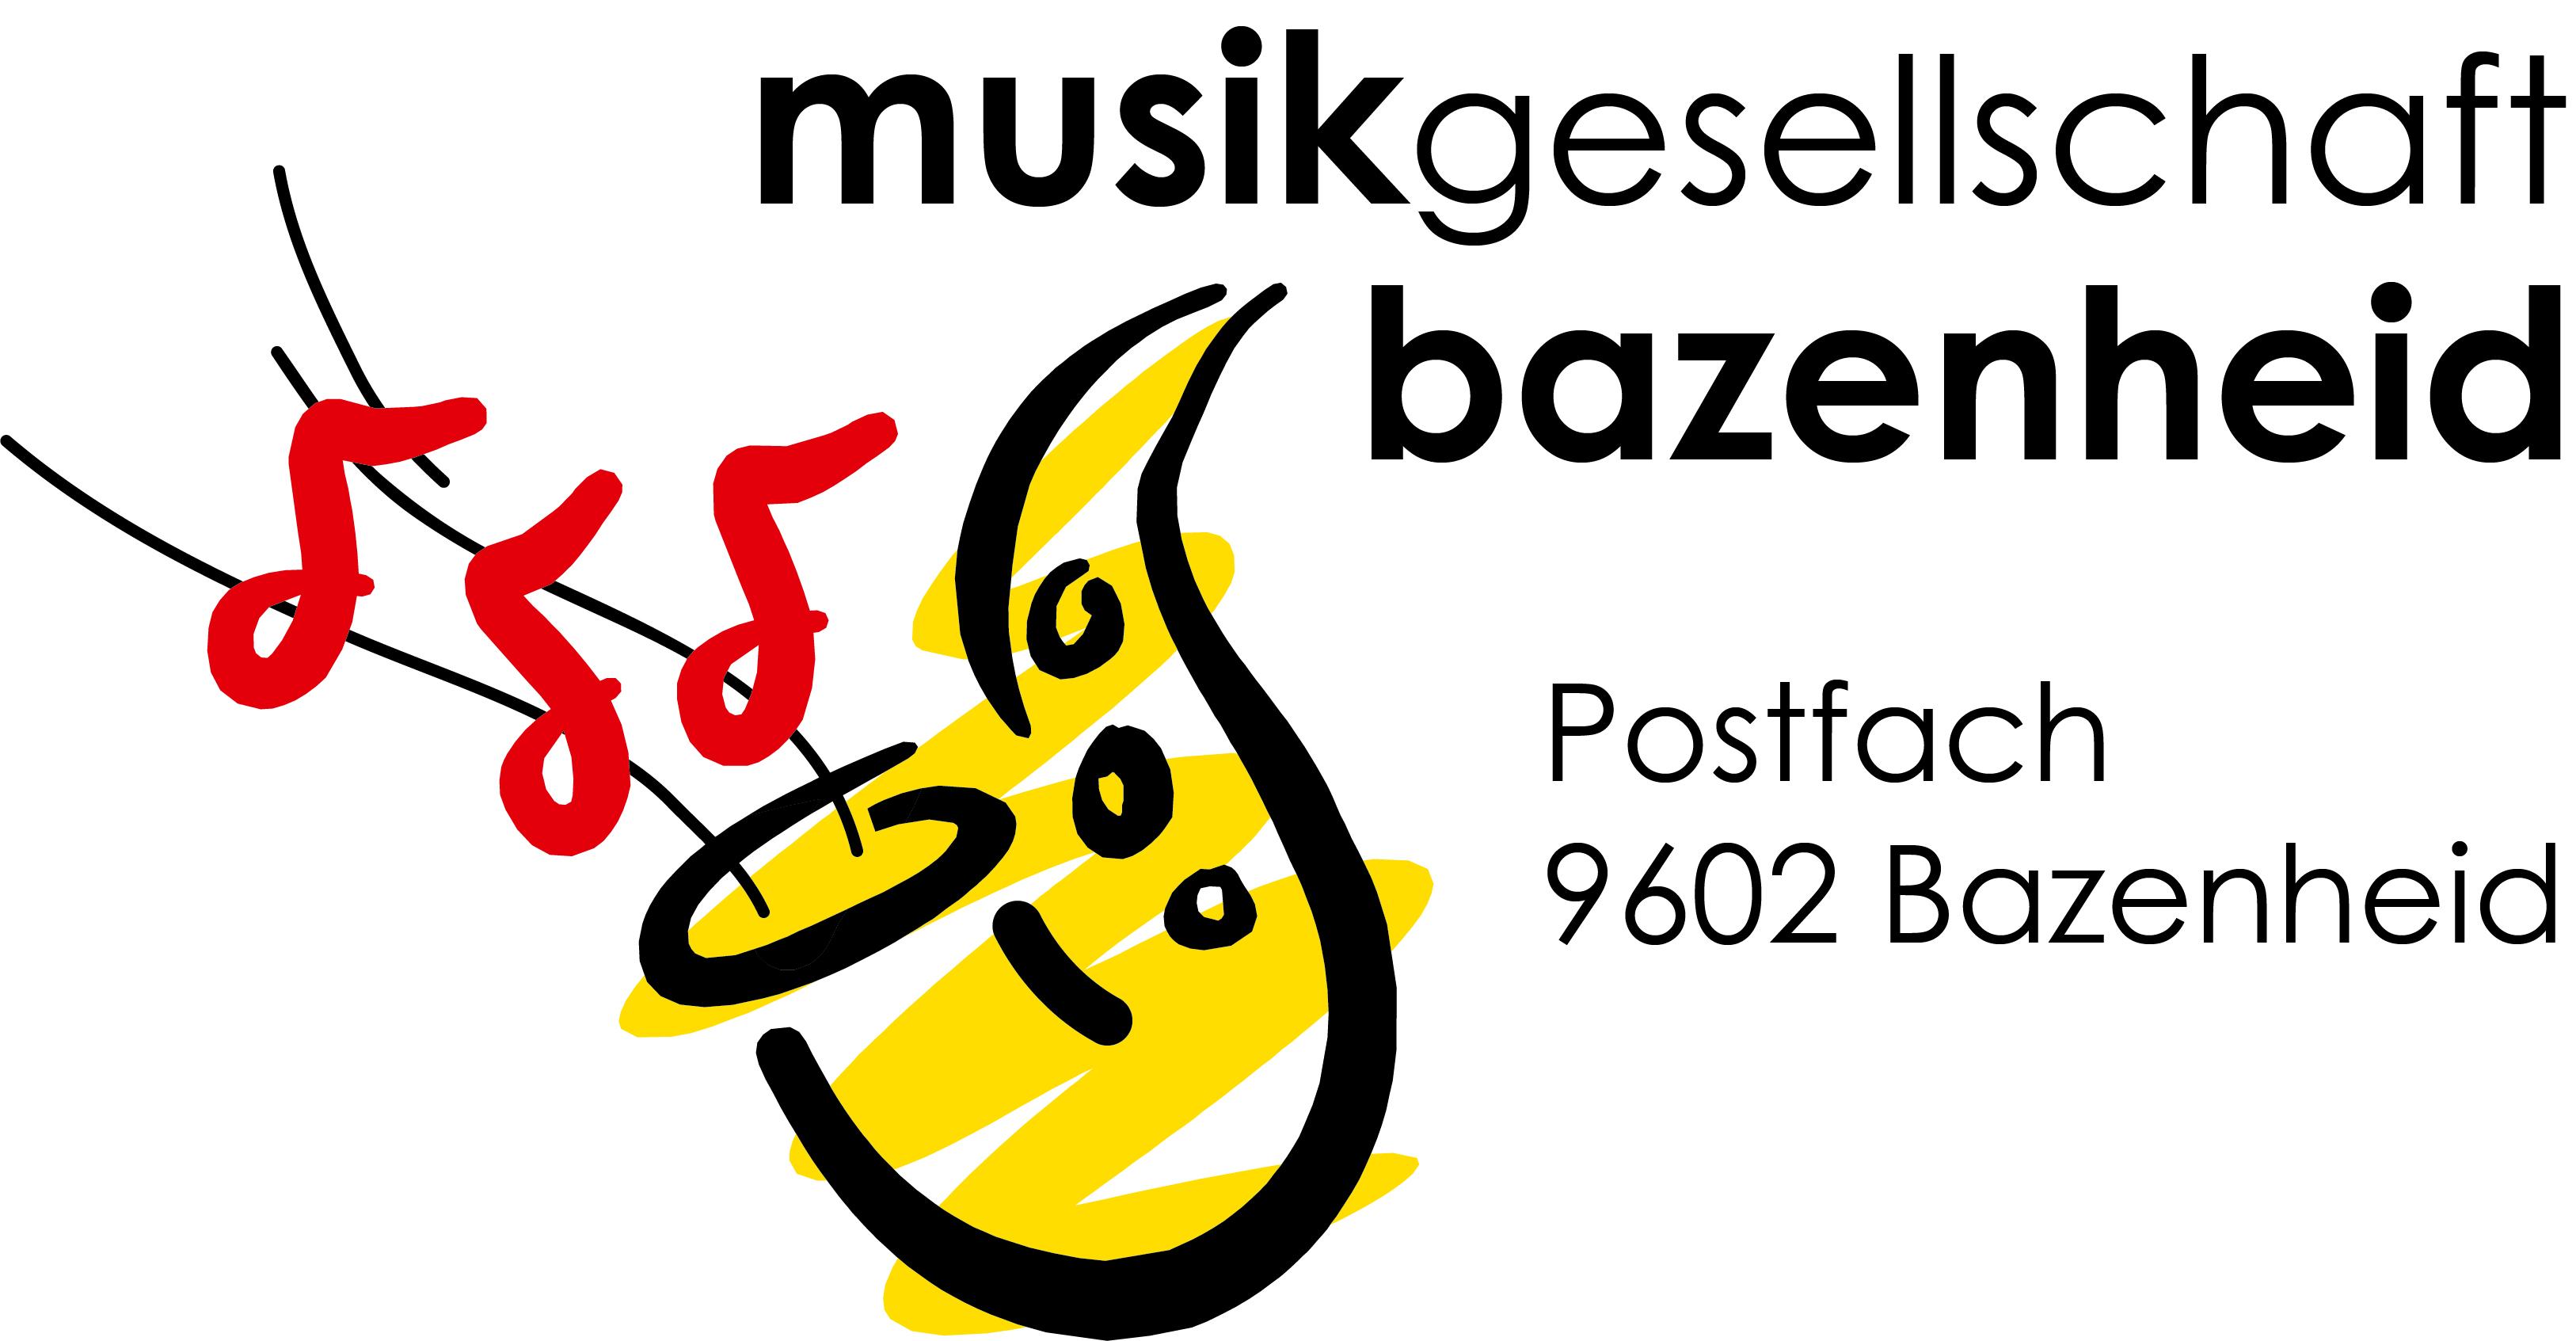 Musikgesellschaft Bazenheid